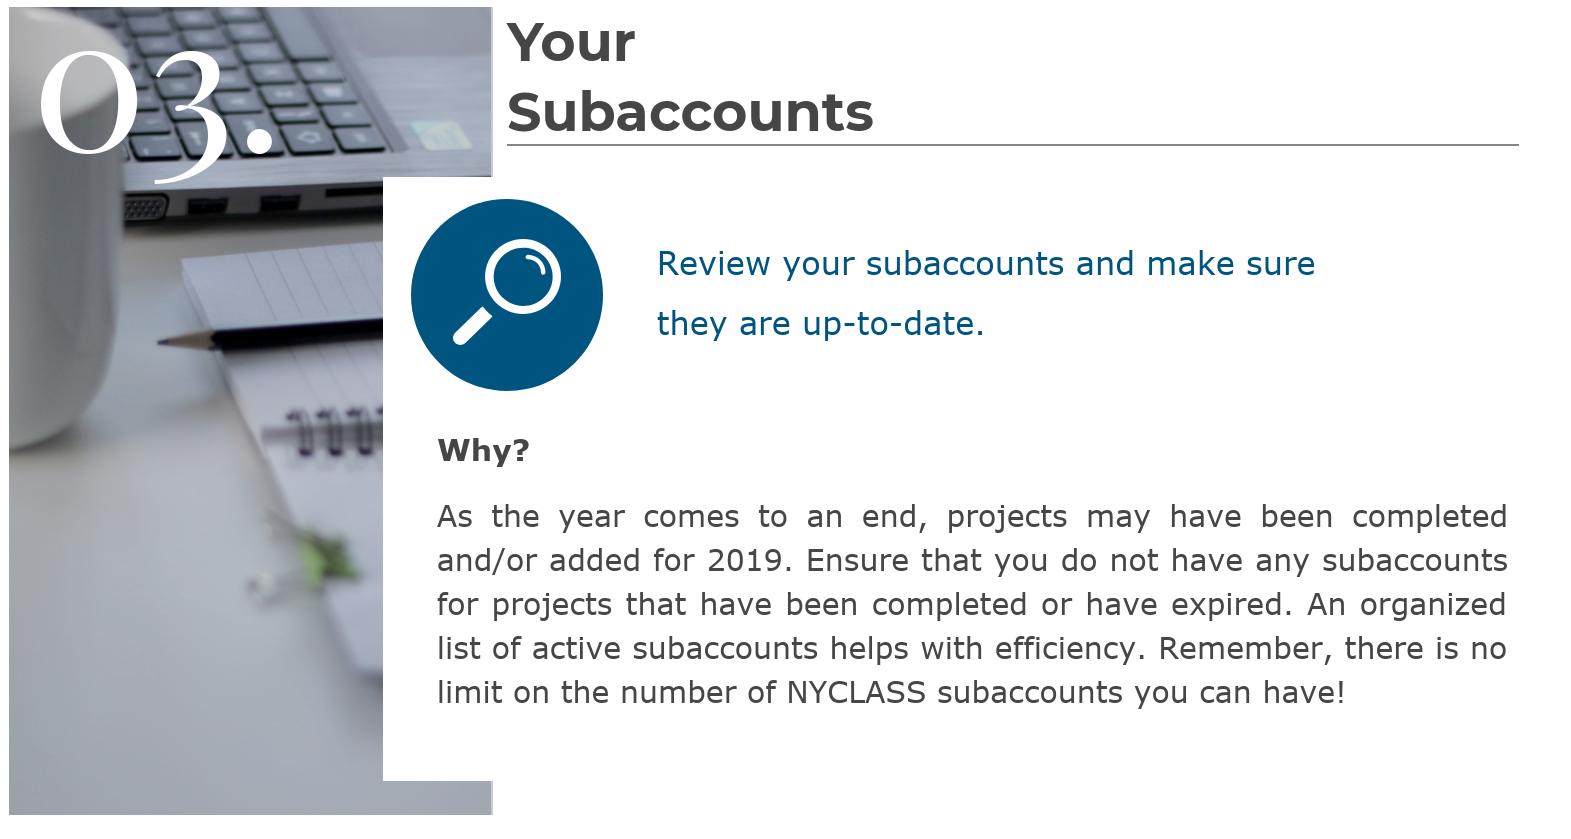 12.18 - Michigan Investor Updating Subaccounts